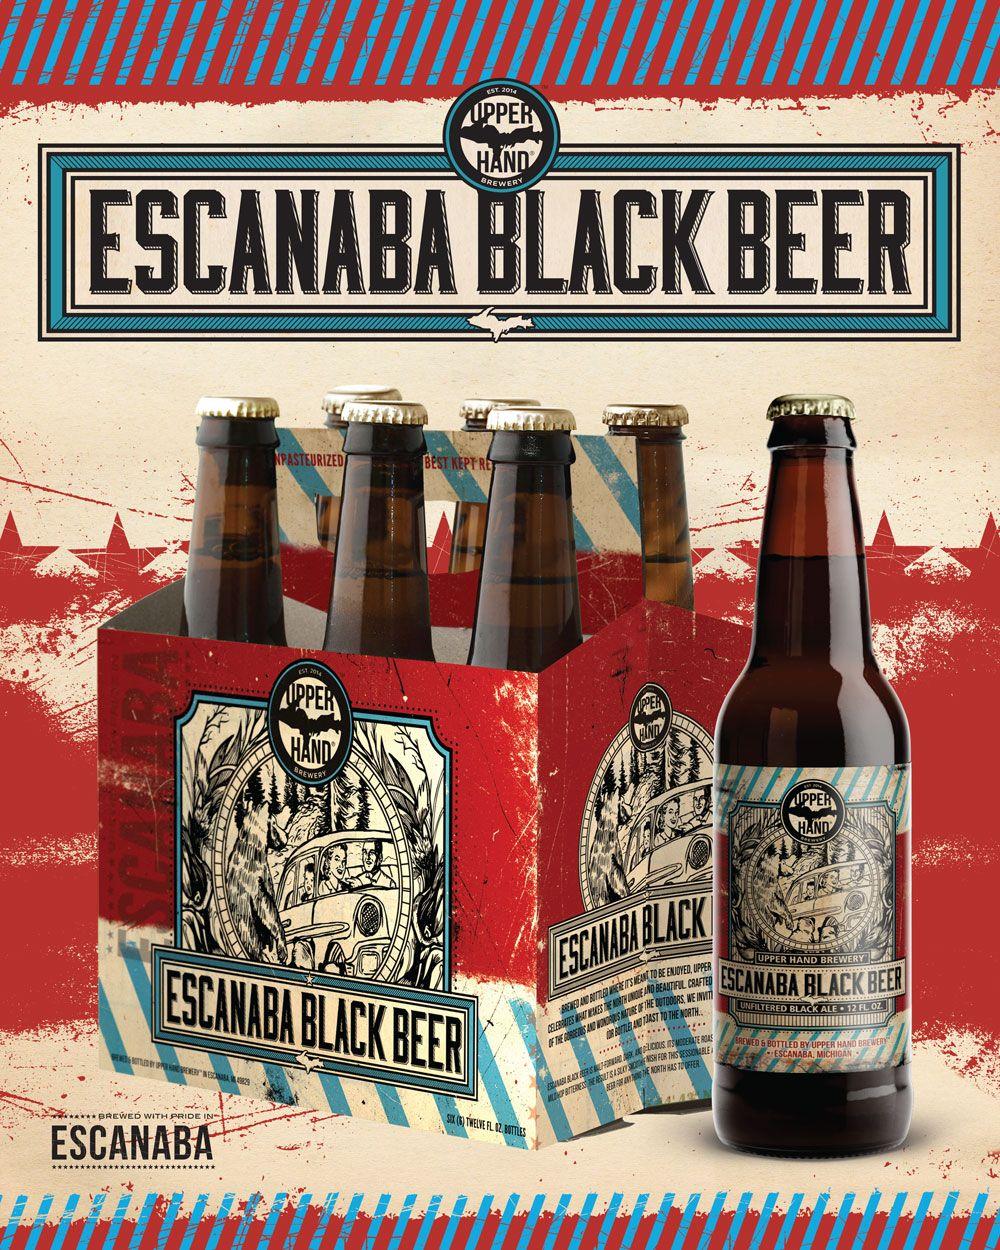 Image 1 Black Beer Brewery Design Beer Poster